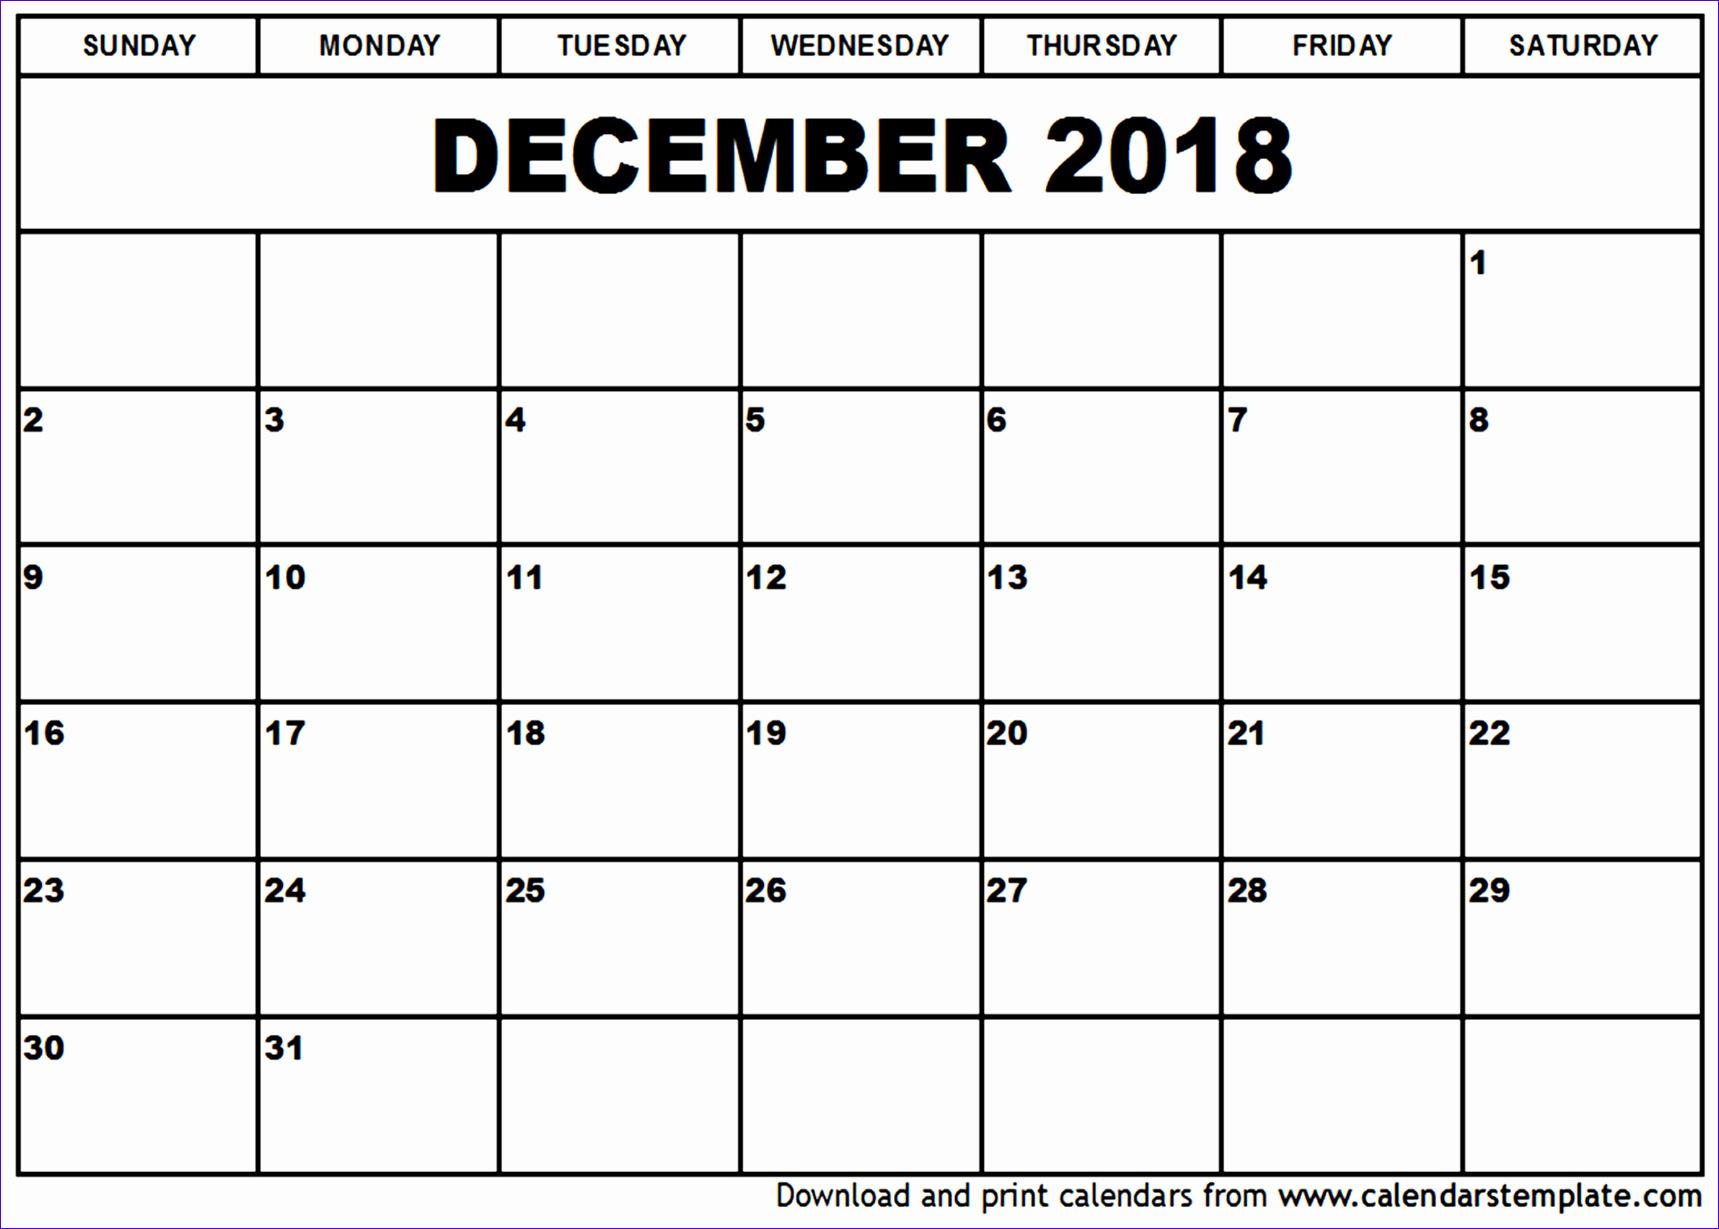 december 2018 calendar template 1949 17191229